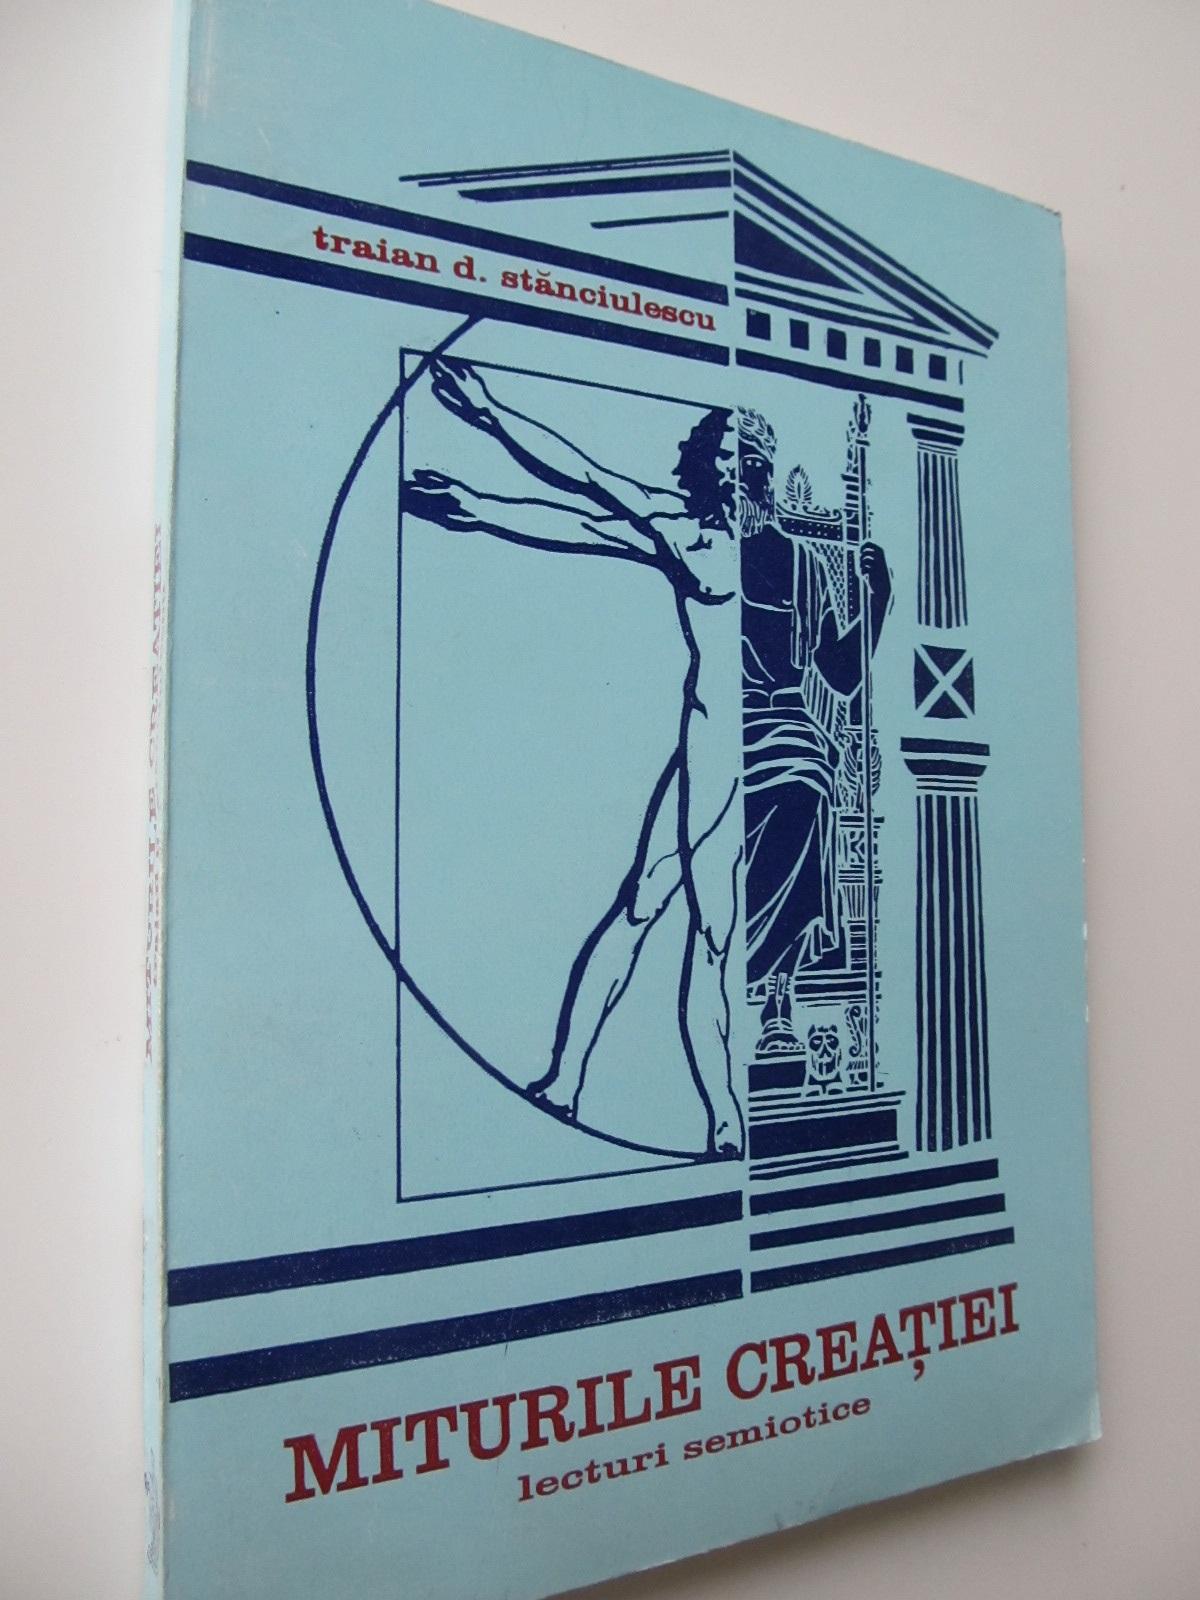 Miturile creatiei , lecturi semiotice (cu autograful autorului) - Traian Stanciuescu | Detalii carte